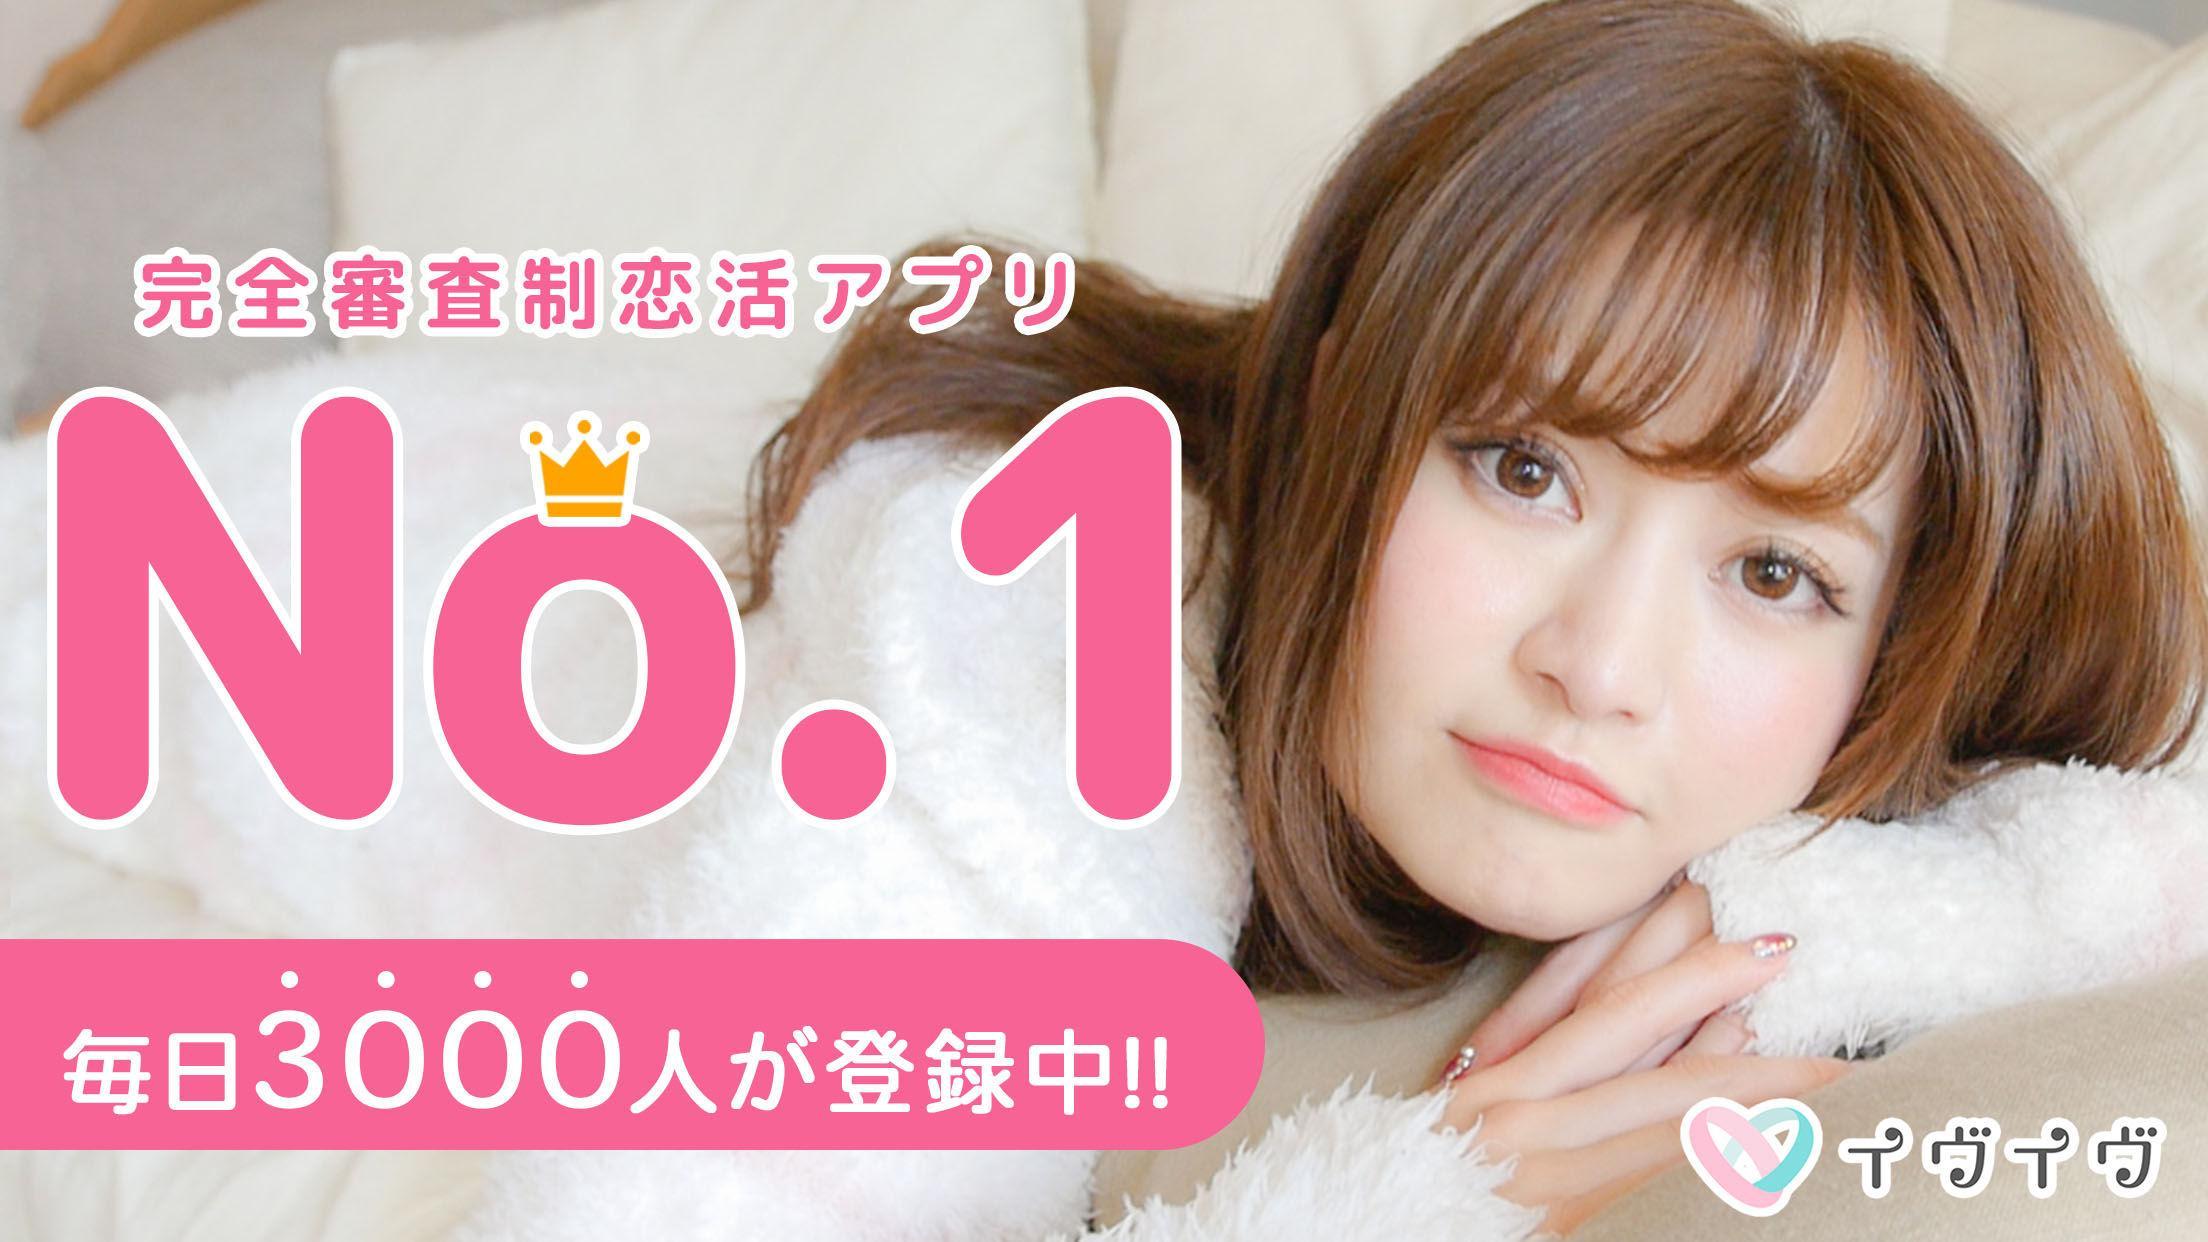 マッチングアプリ恋愛11